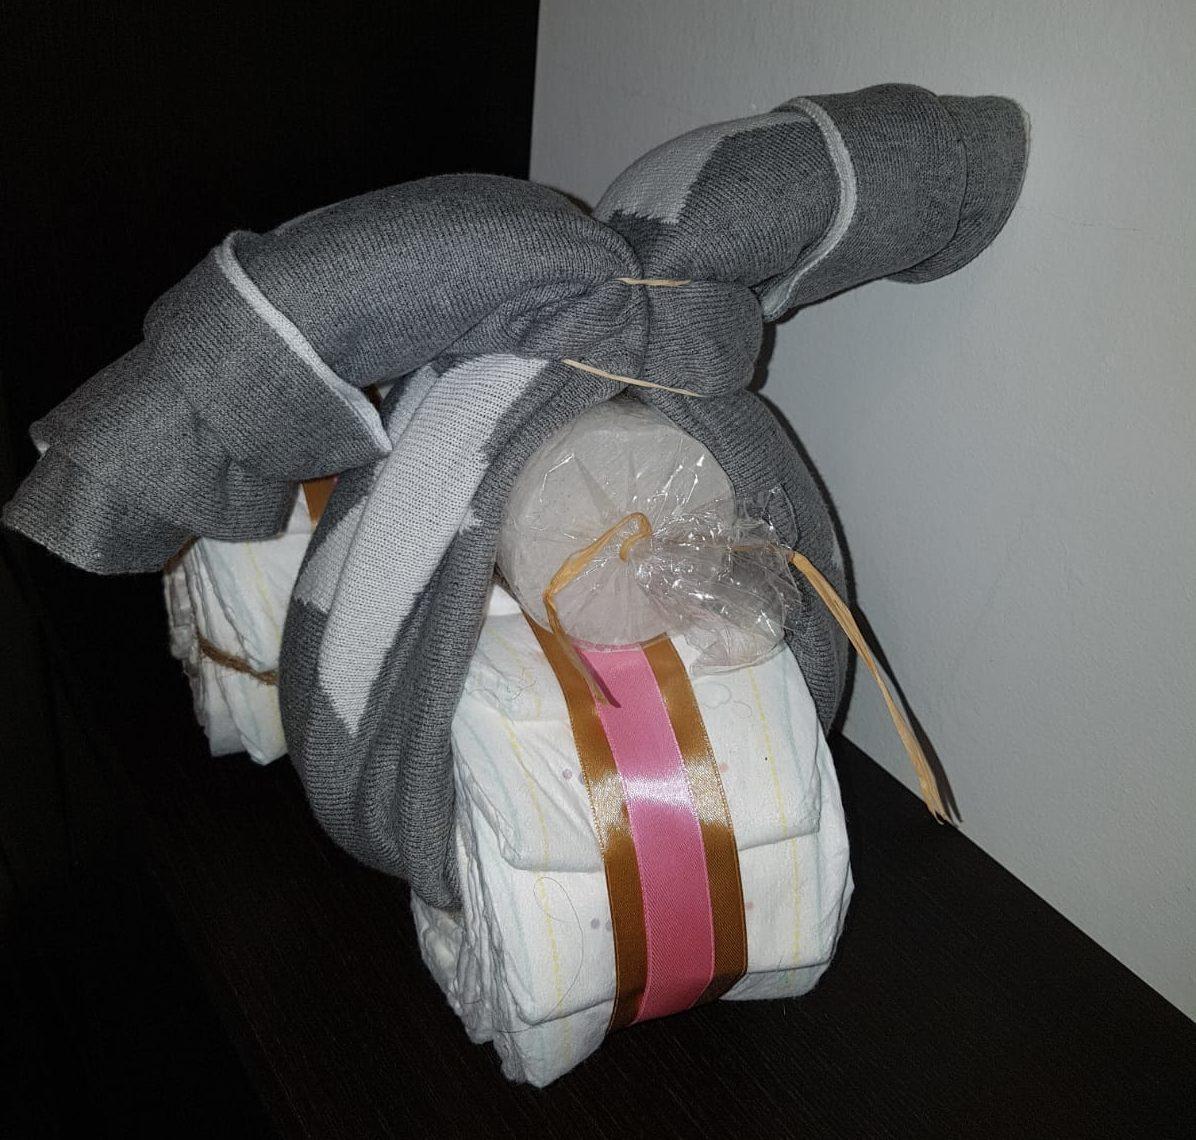 moto de pañales, diy, regalo para embarazada, babyshower